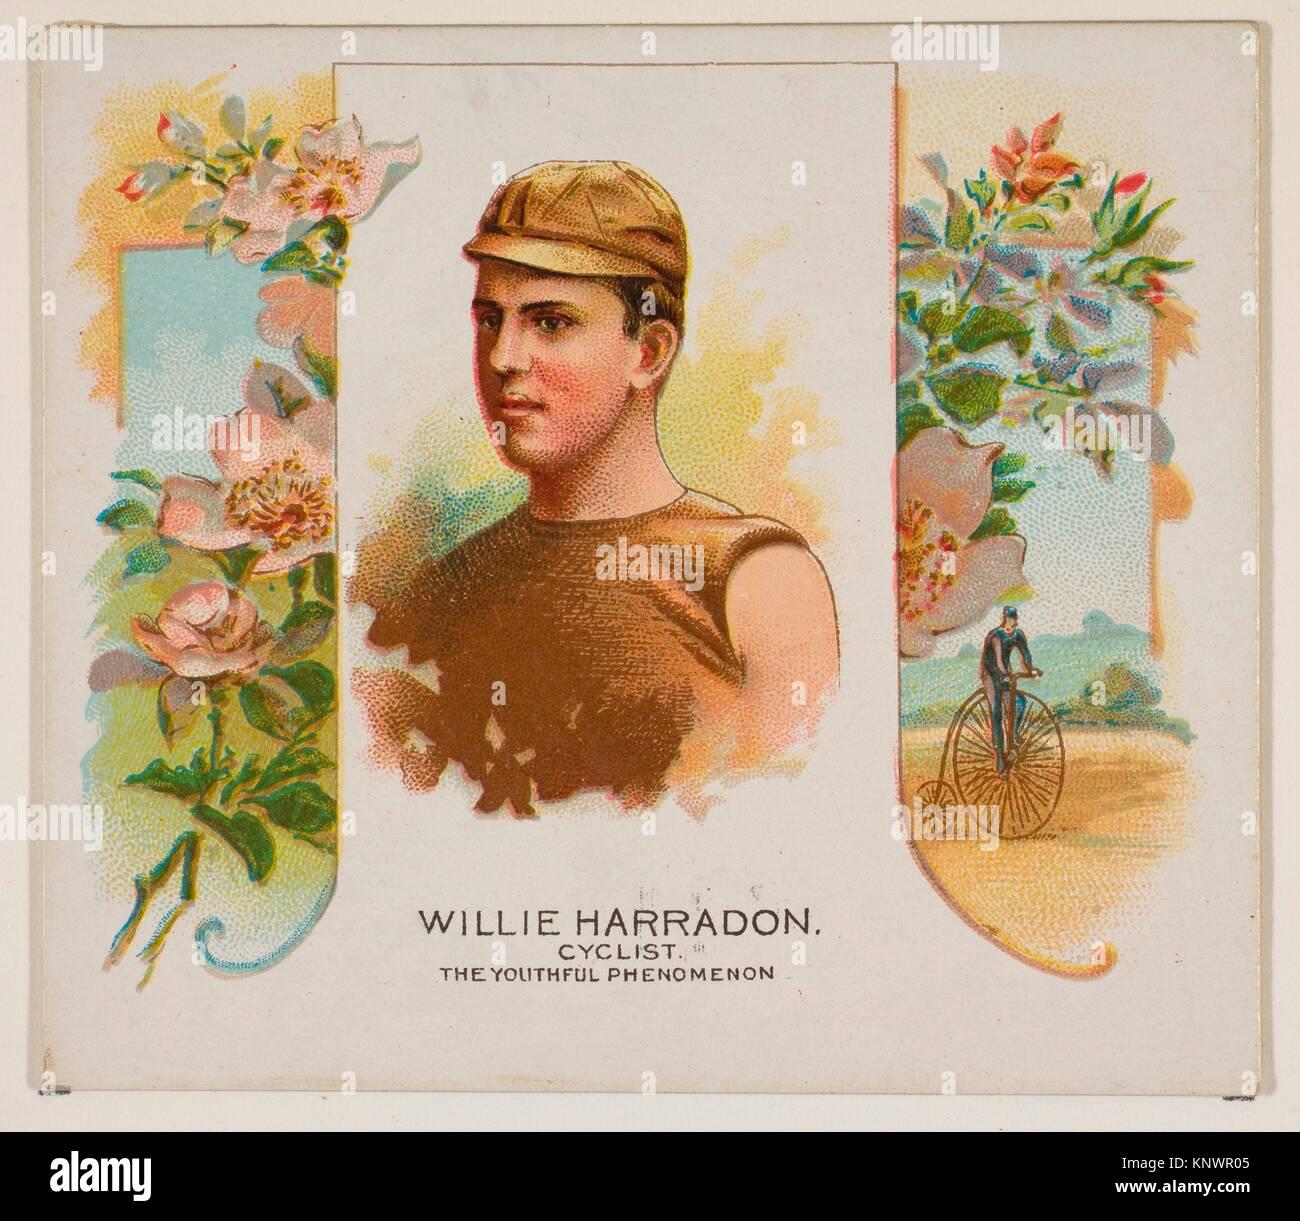 Willie Harradon, Radfahrer, die Jugendliche Erscheinung, von der Weltmeister, zweite Serie (N 43) für Allen Stockbild